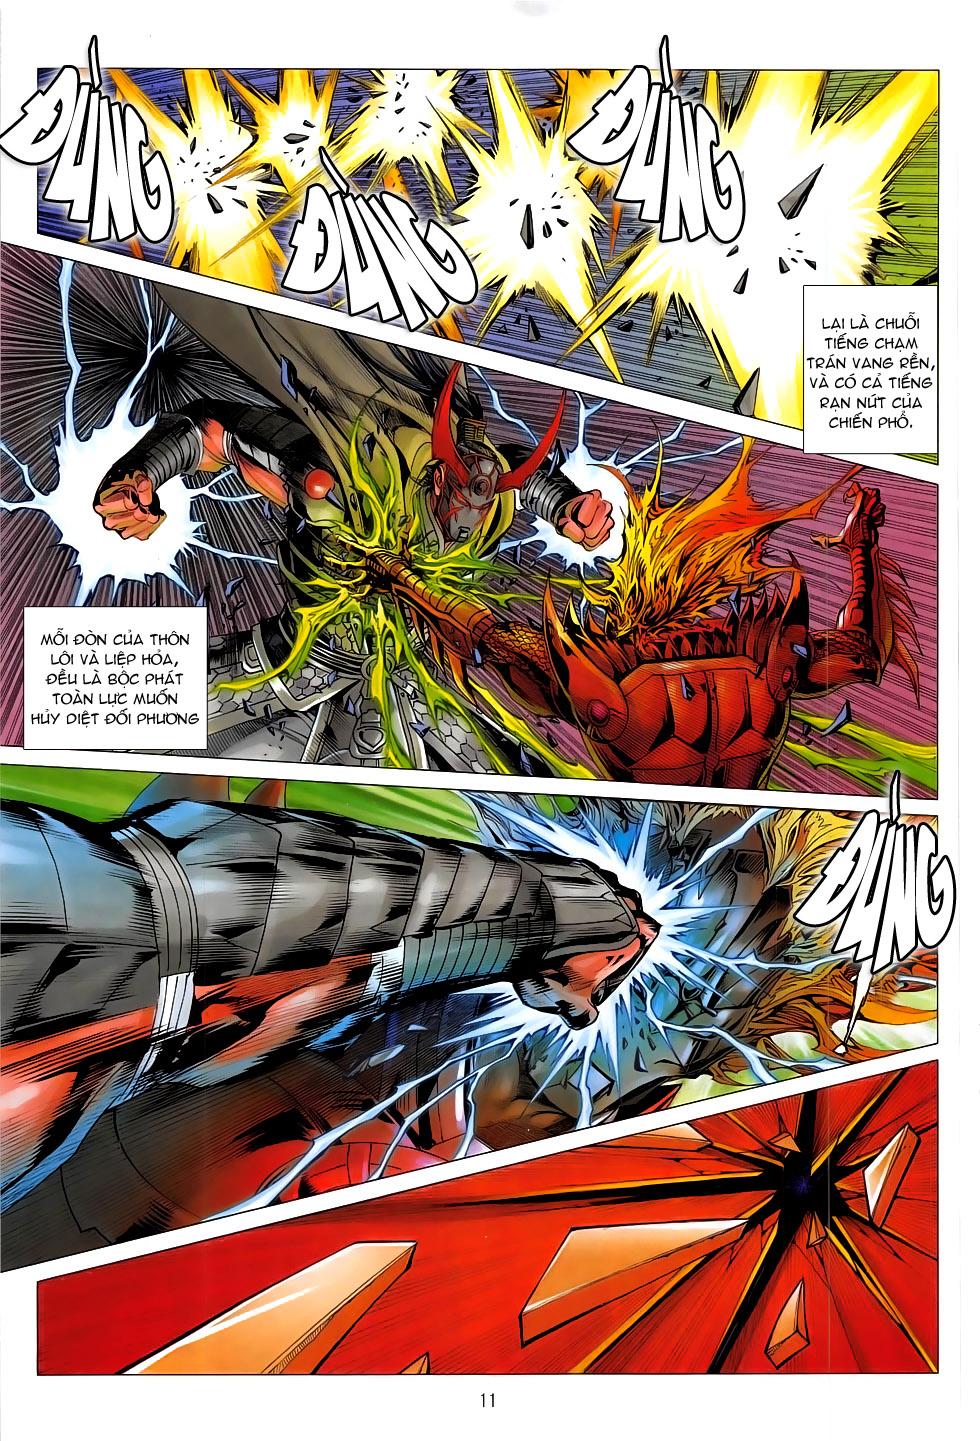 Chiến Phổ chap 19 - Trang 11